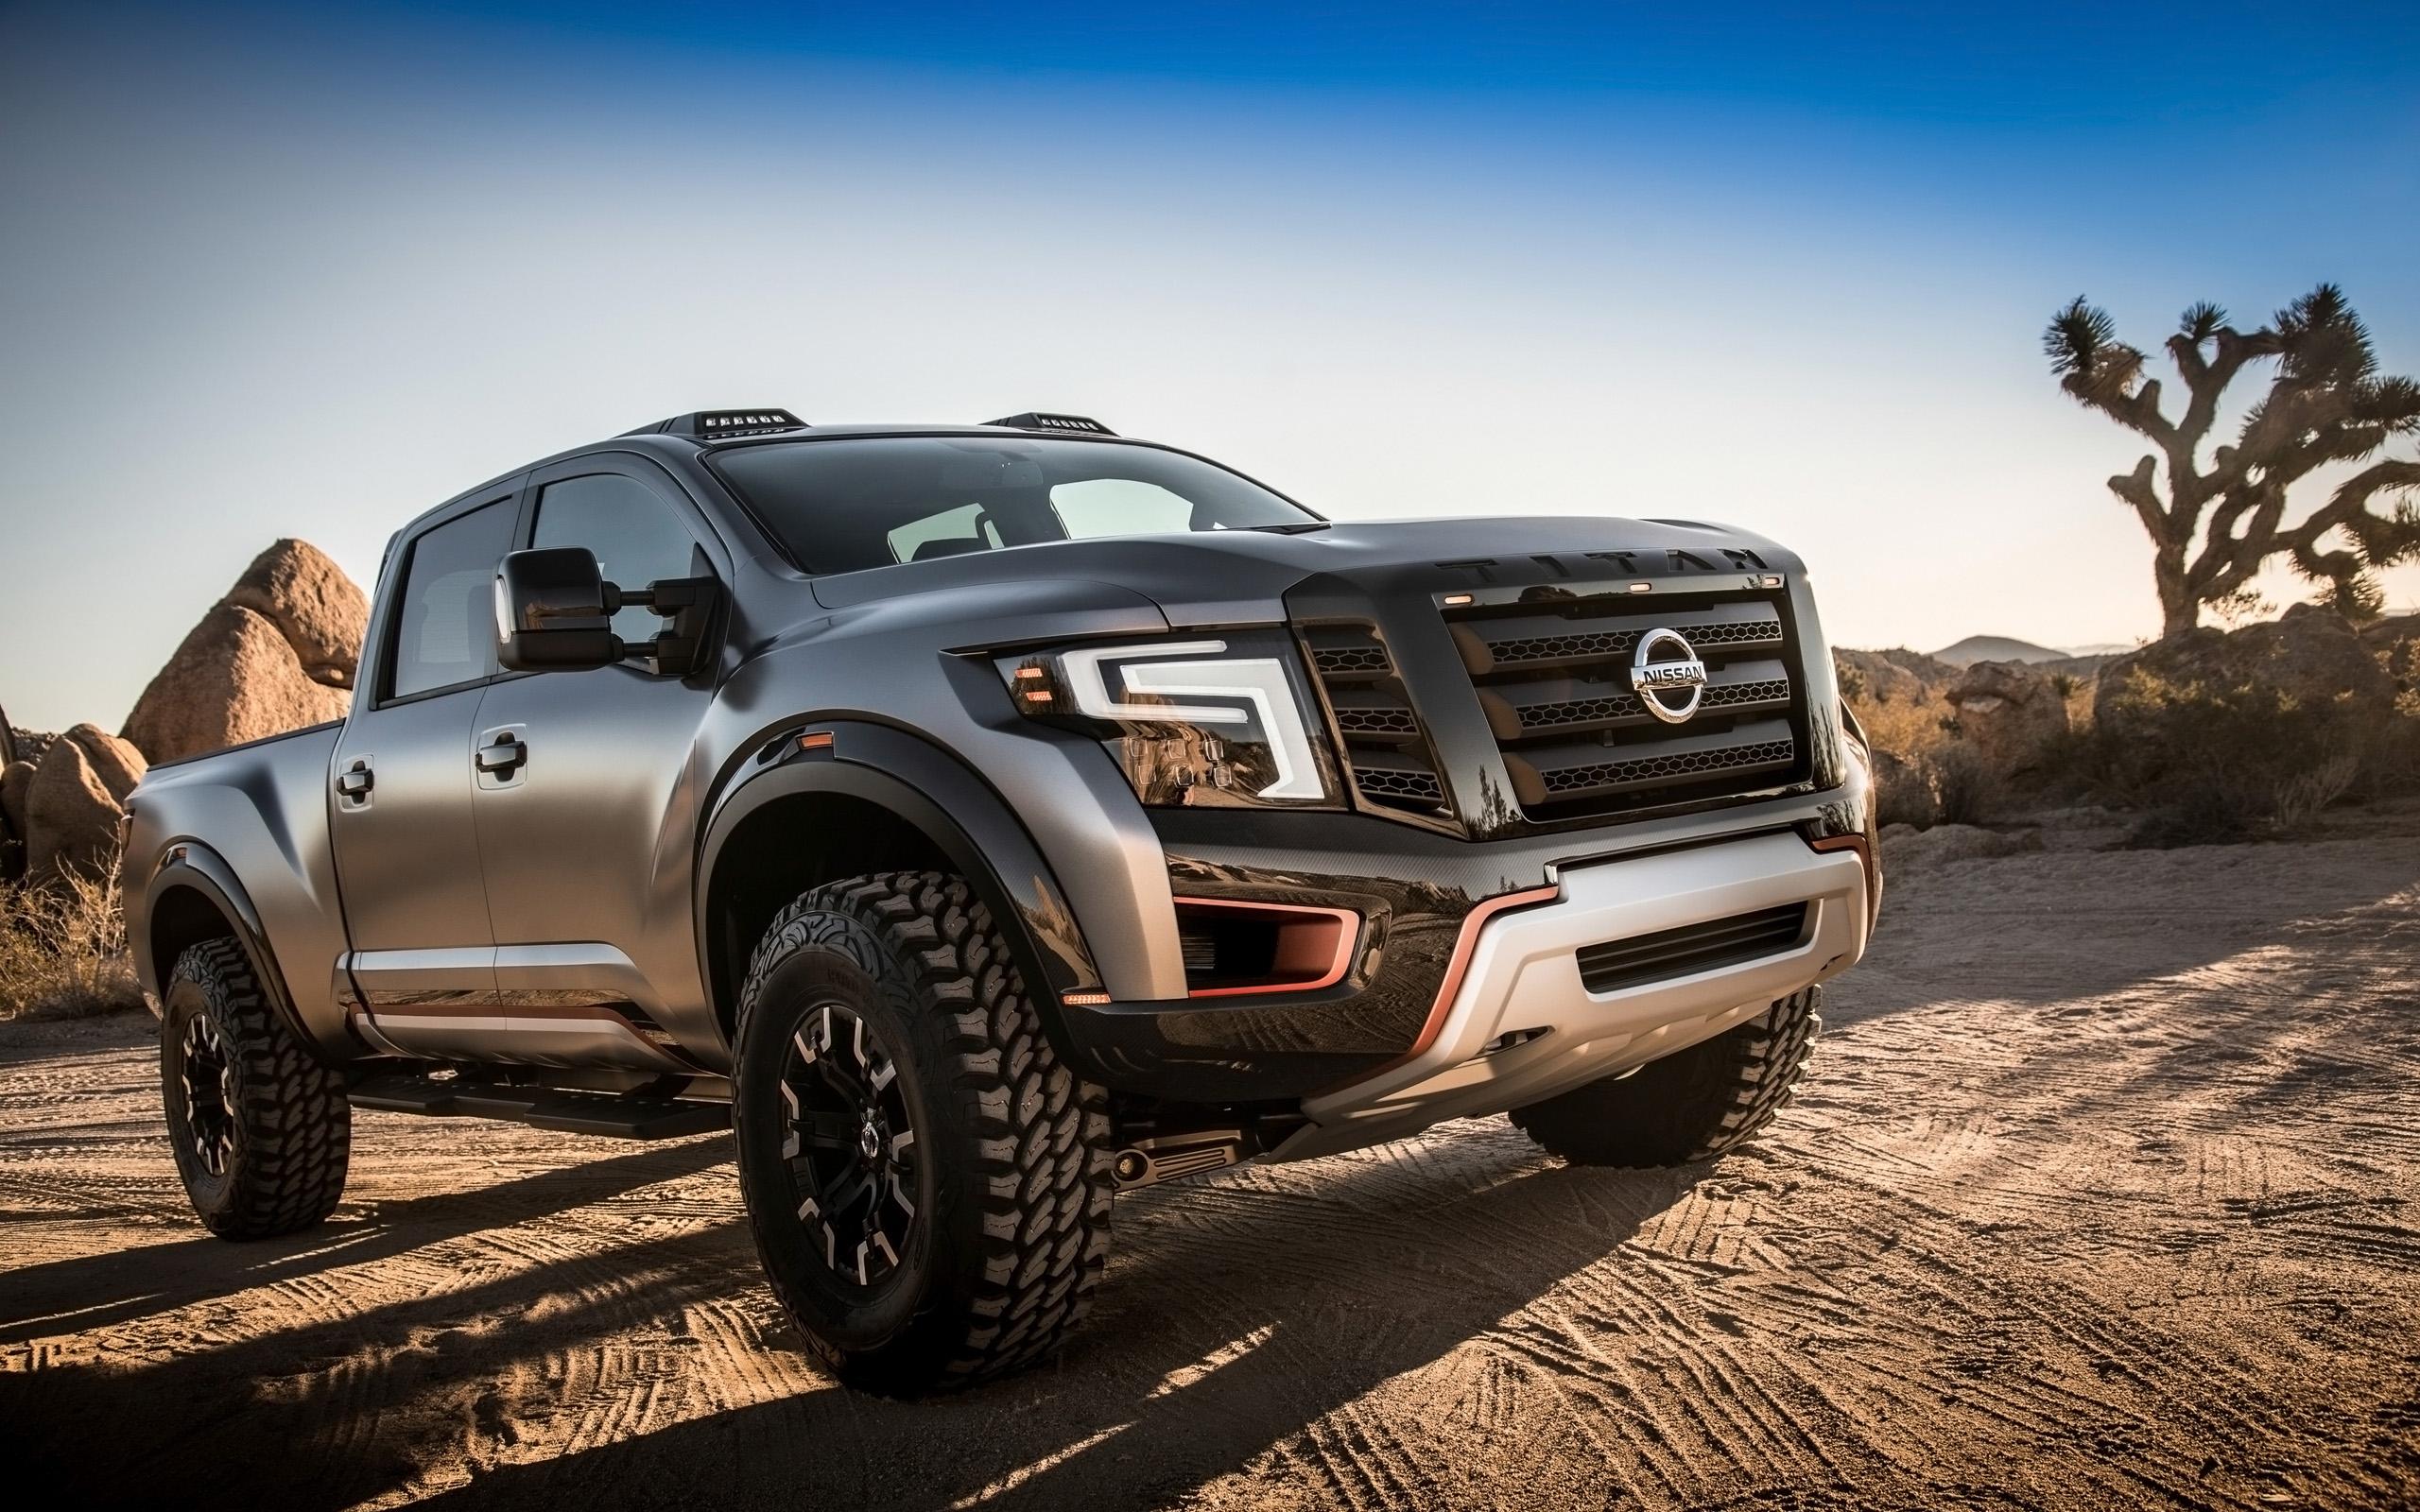 2016 Nissan Titan Warrior Concept Wallpaper   HD Car ...